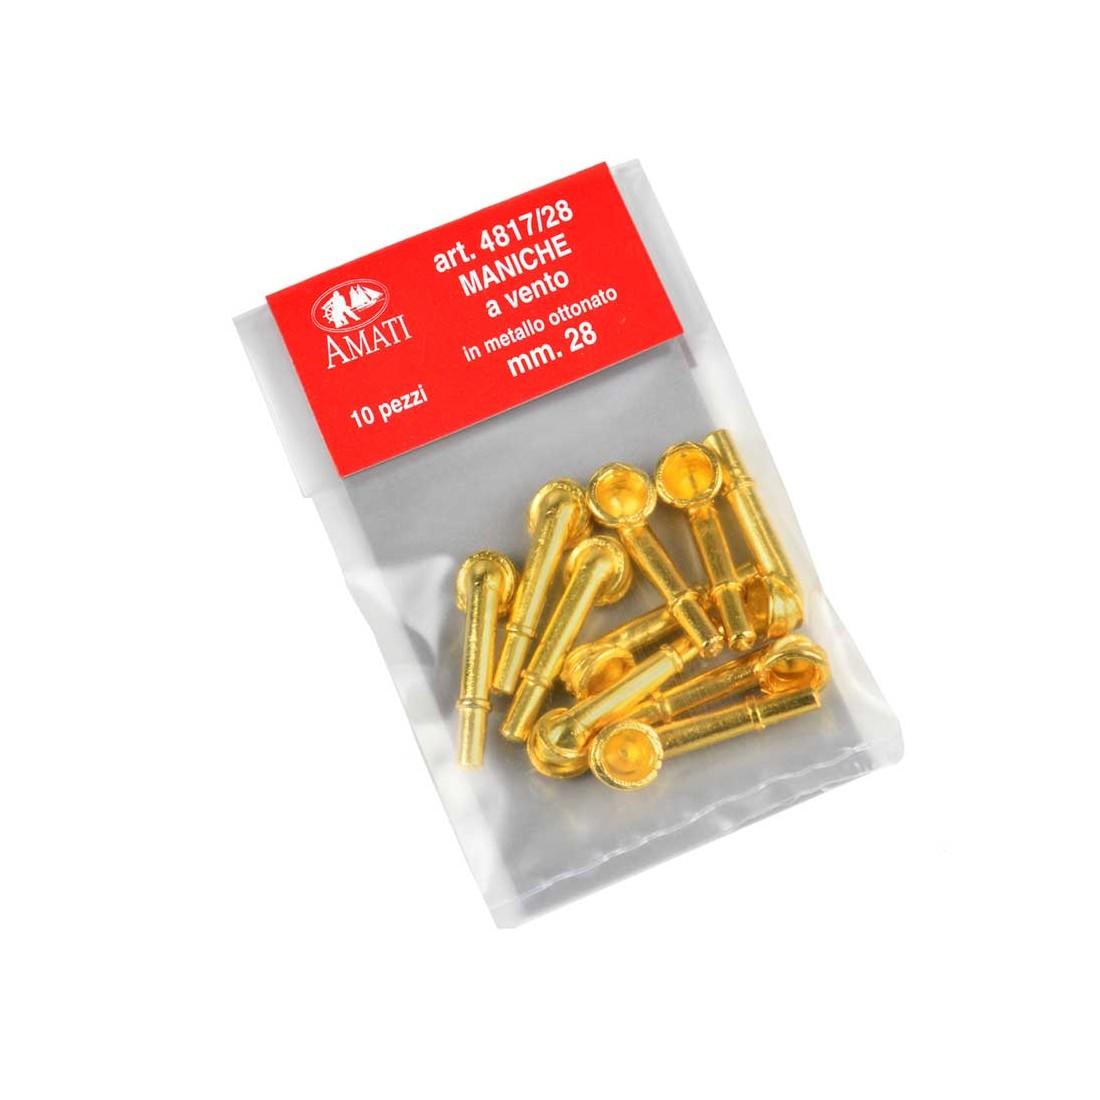 Metal ventilators mm.28